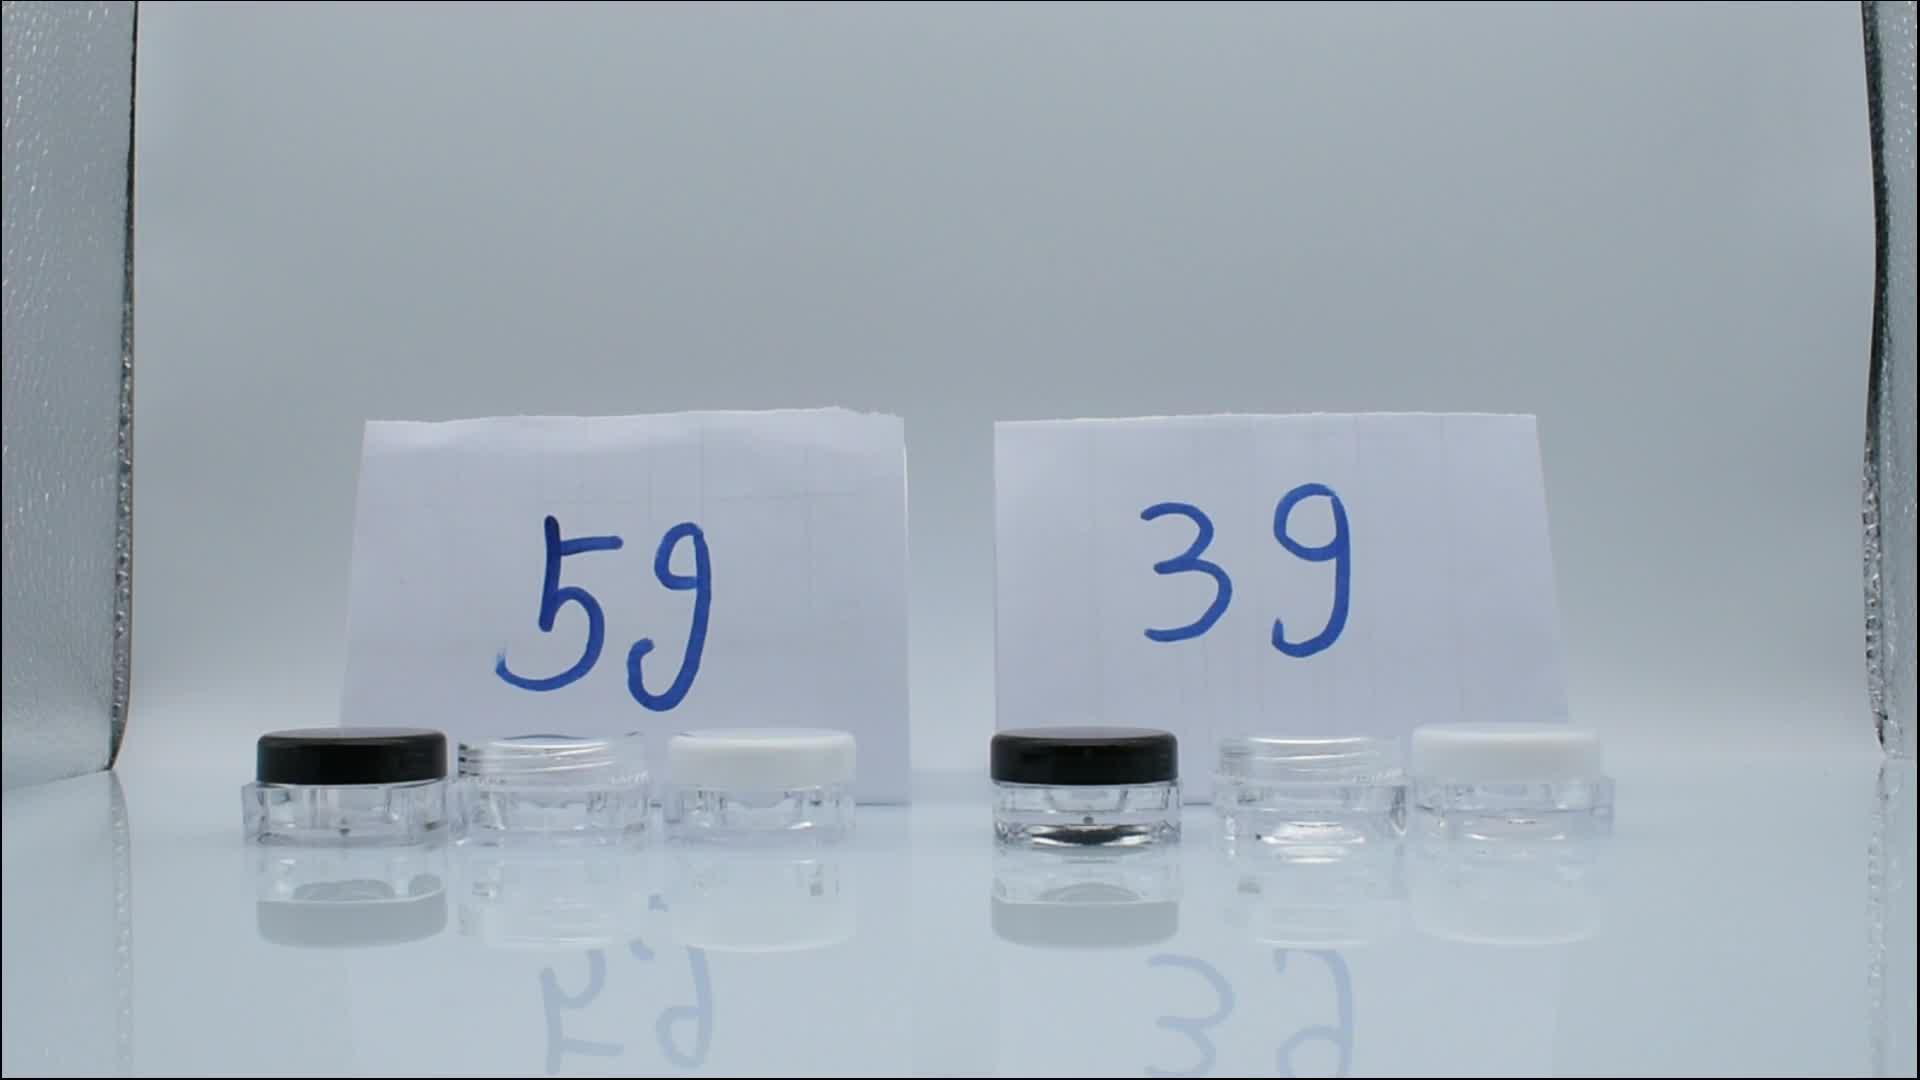 Cosméticos frascos de muestra de plástico de envases de plástico 2,5g 5g 10g 20g 15g de muestra pequeña frasco de 3g claro frasco de crema de ojo